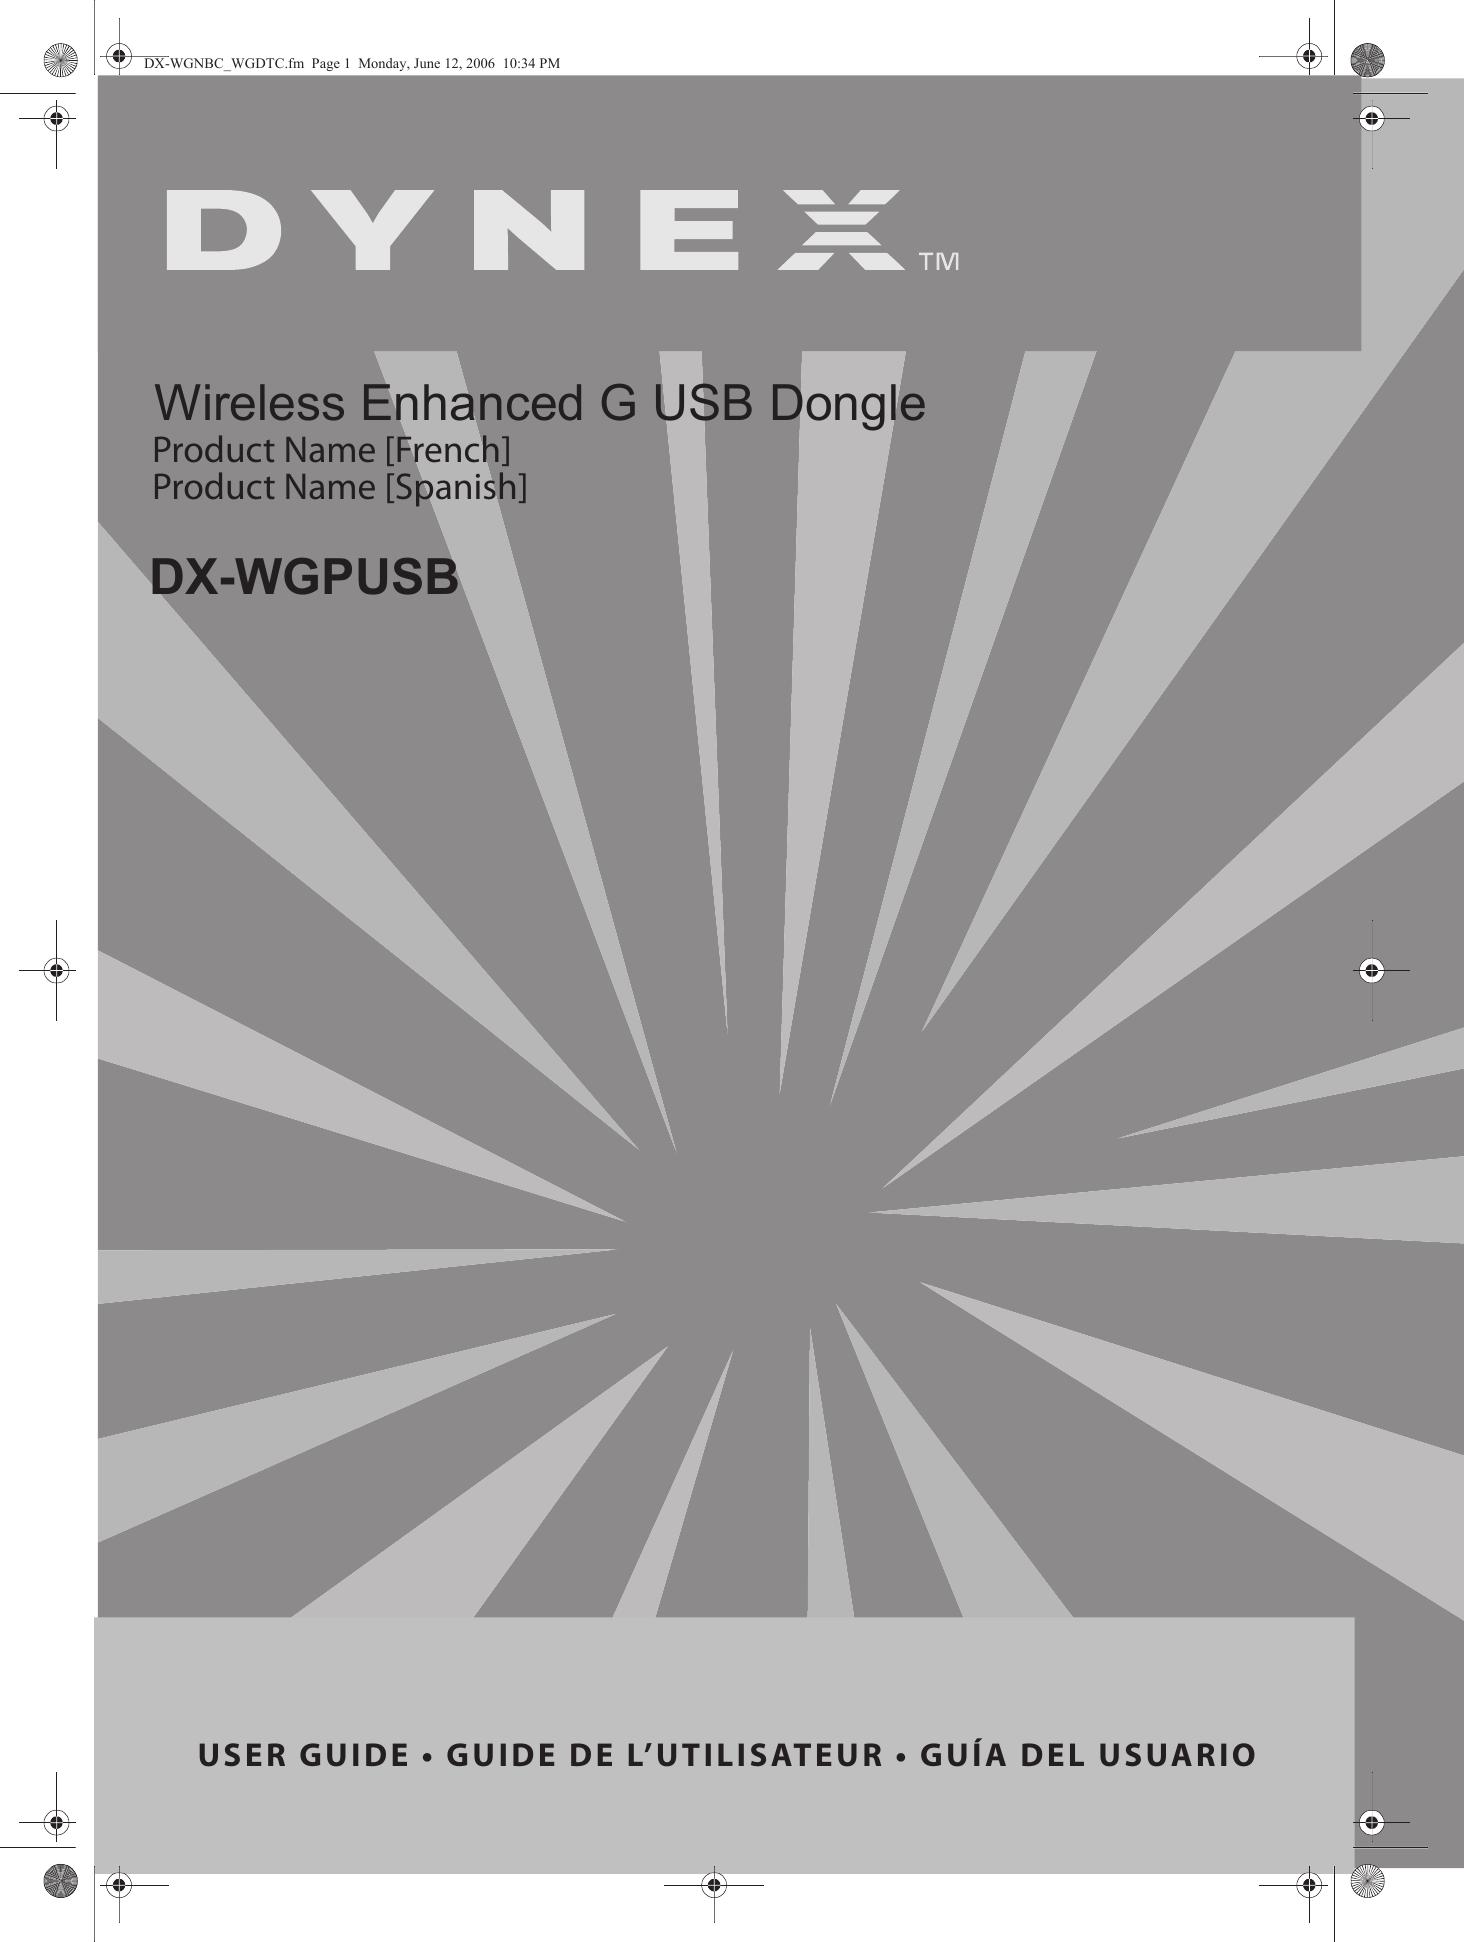 DYNEX WIRELESS ENHANCED G USB DONGLE TREIBER HERUNTERLADEN